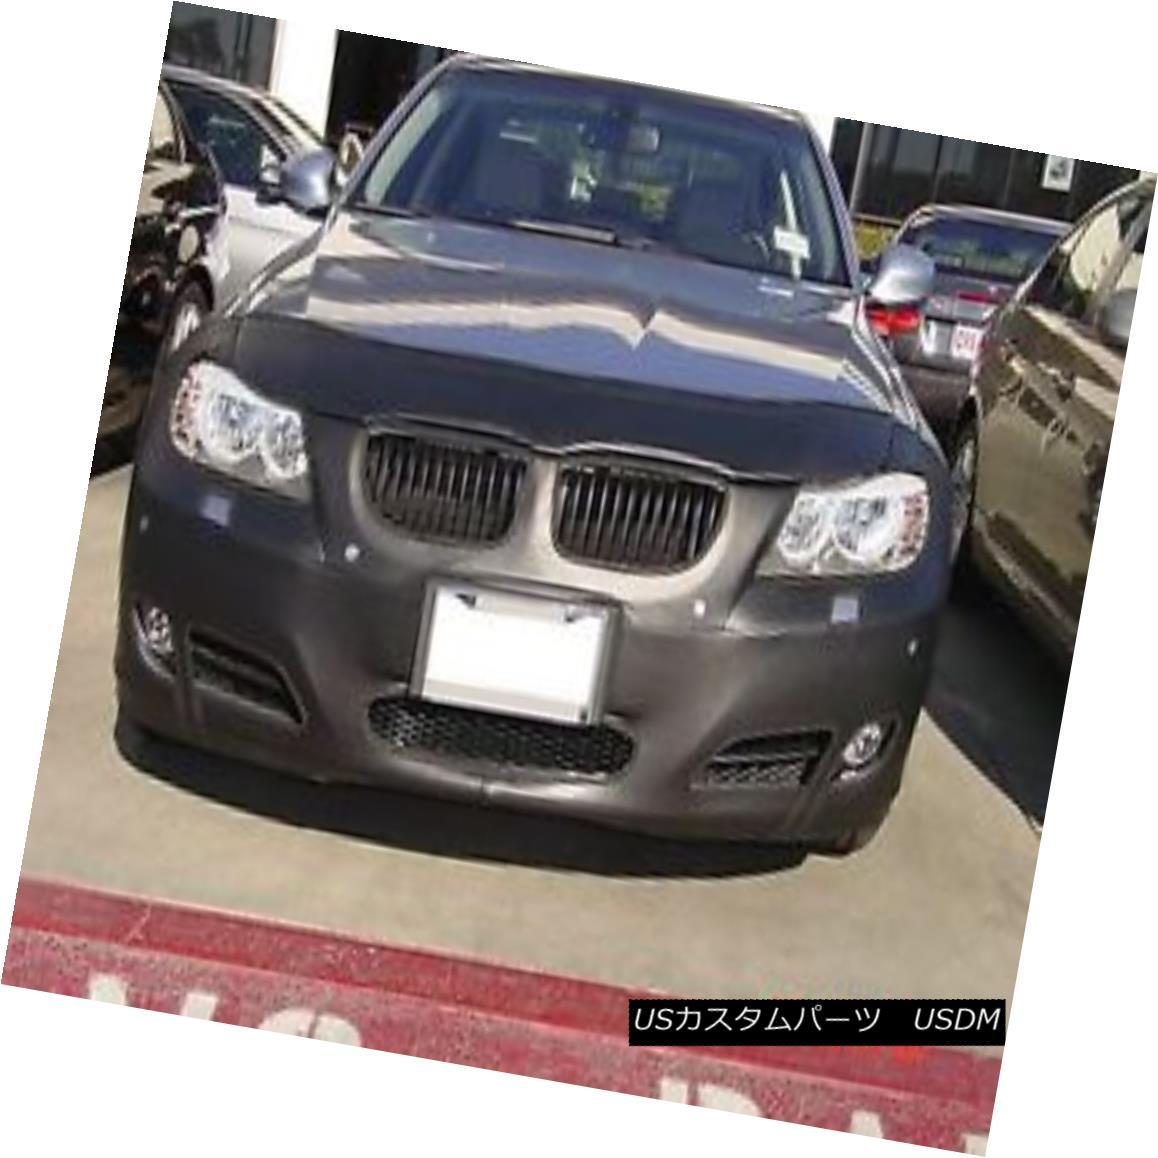 フルブラ ノーズブラ Colgan Front End Mask Bra 2pc. Fits BMW 335d 09-11 With Lic.Plate & Sensors コルガンフロントエンドマスクブラ2pc Lic.Plate& amp; With BMW 335d 09-11に適合します。 センサ